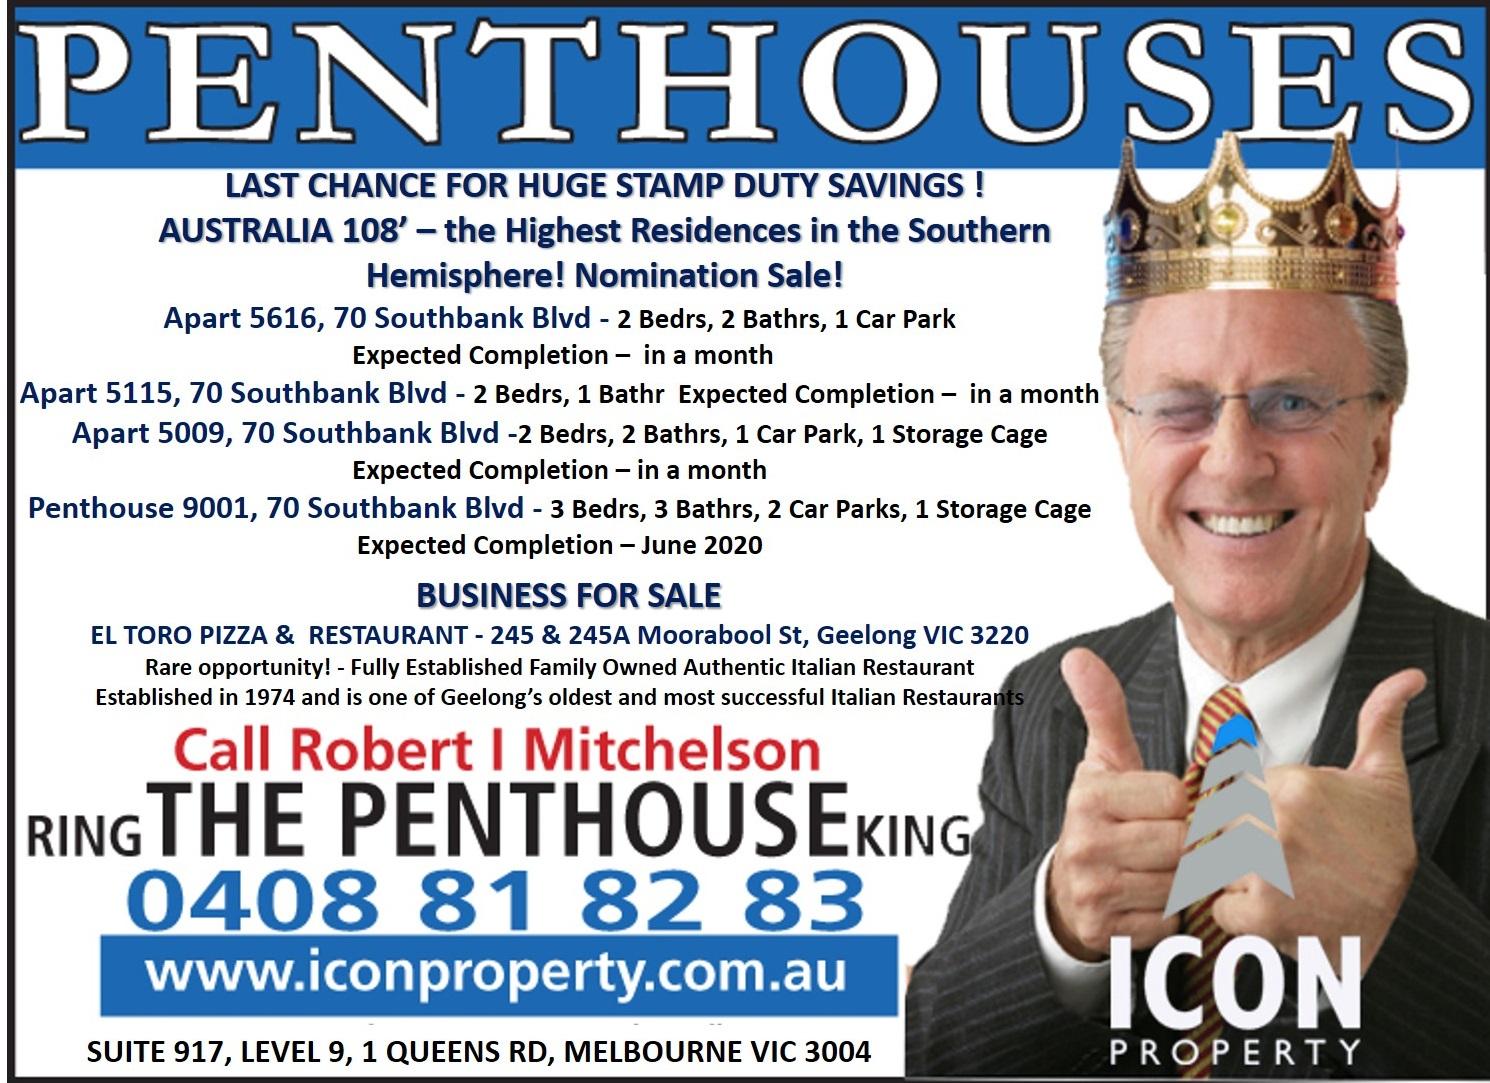 Icon Property Penthouse King OFI 19 20 01 19